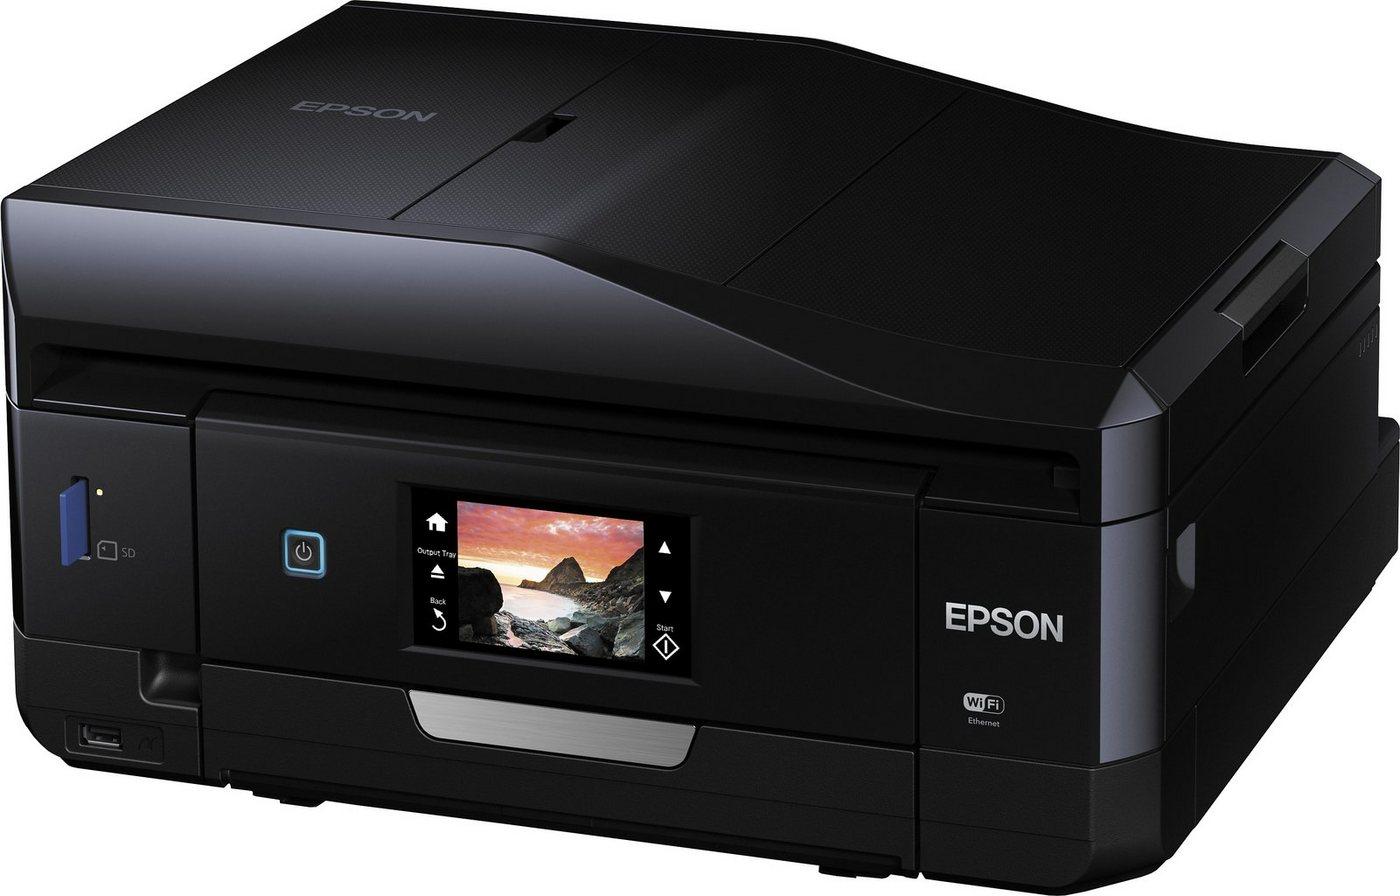 Vorschaubild von Epson Expression Photo XP-860 Multifunktionsdrucker